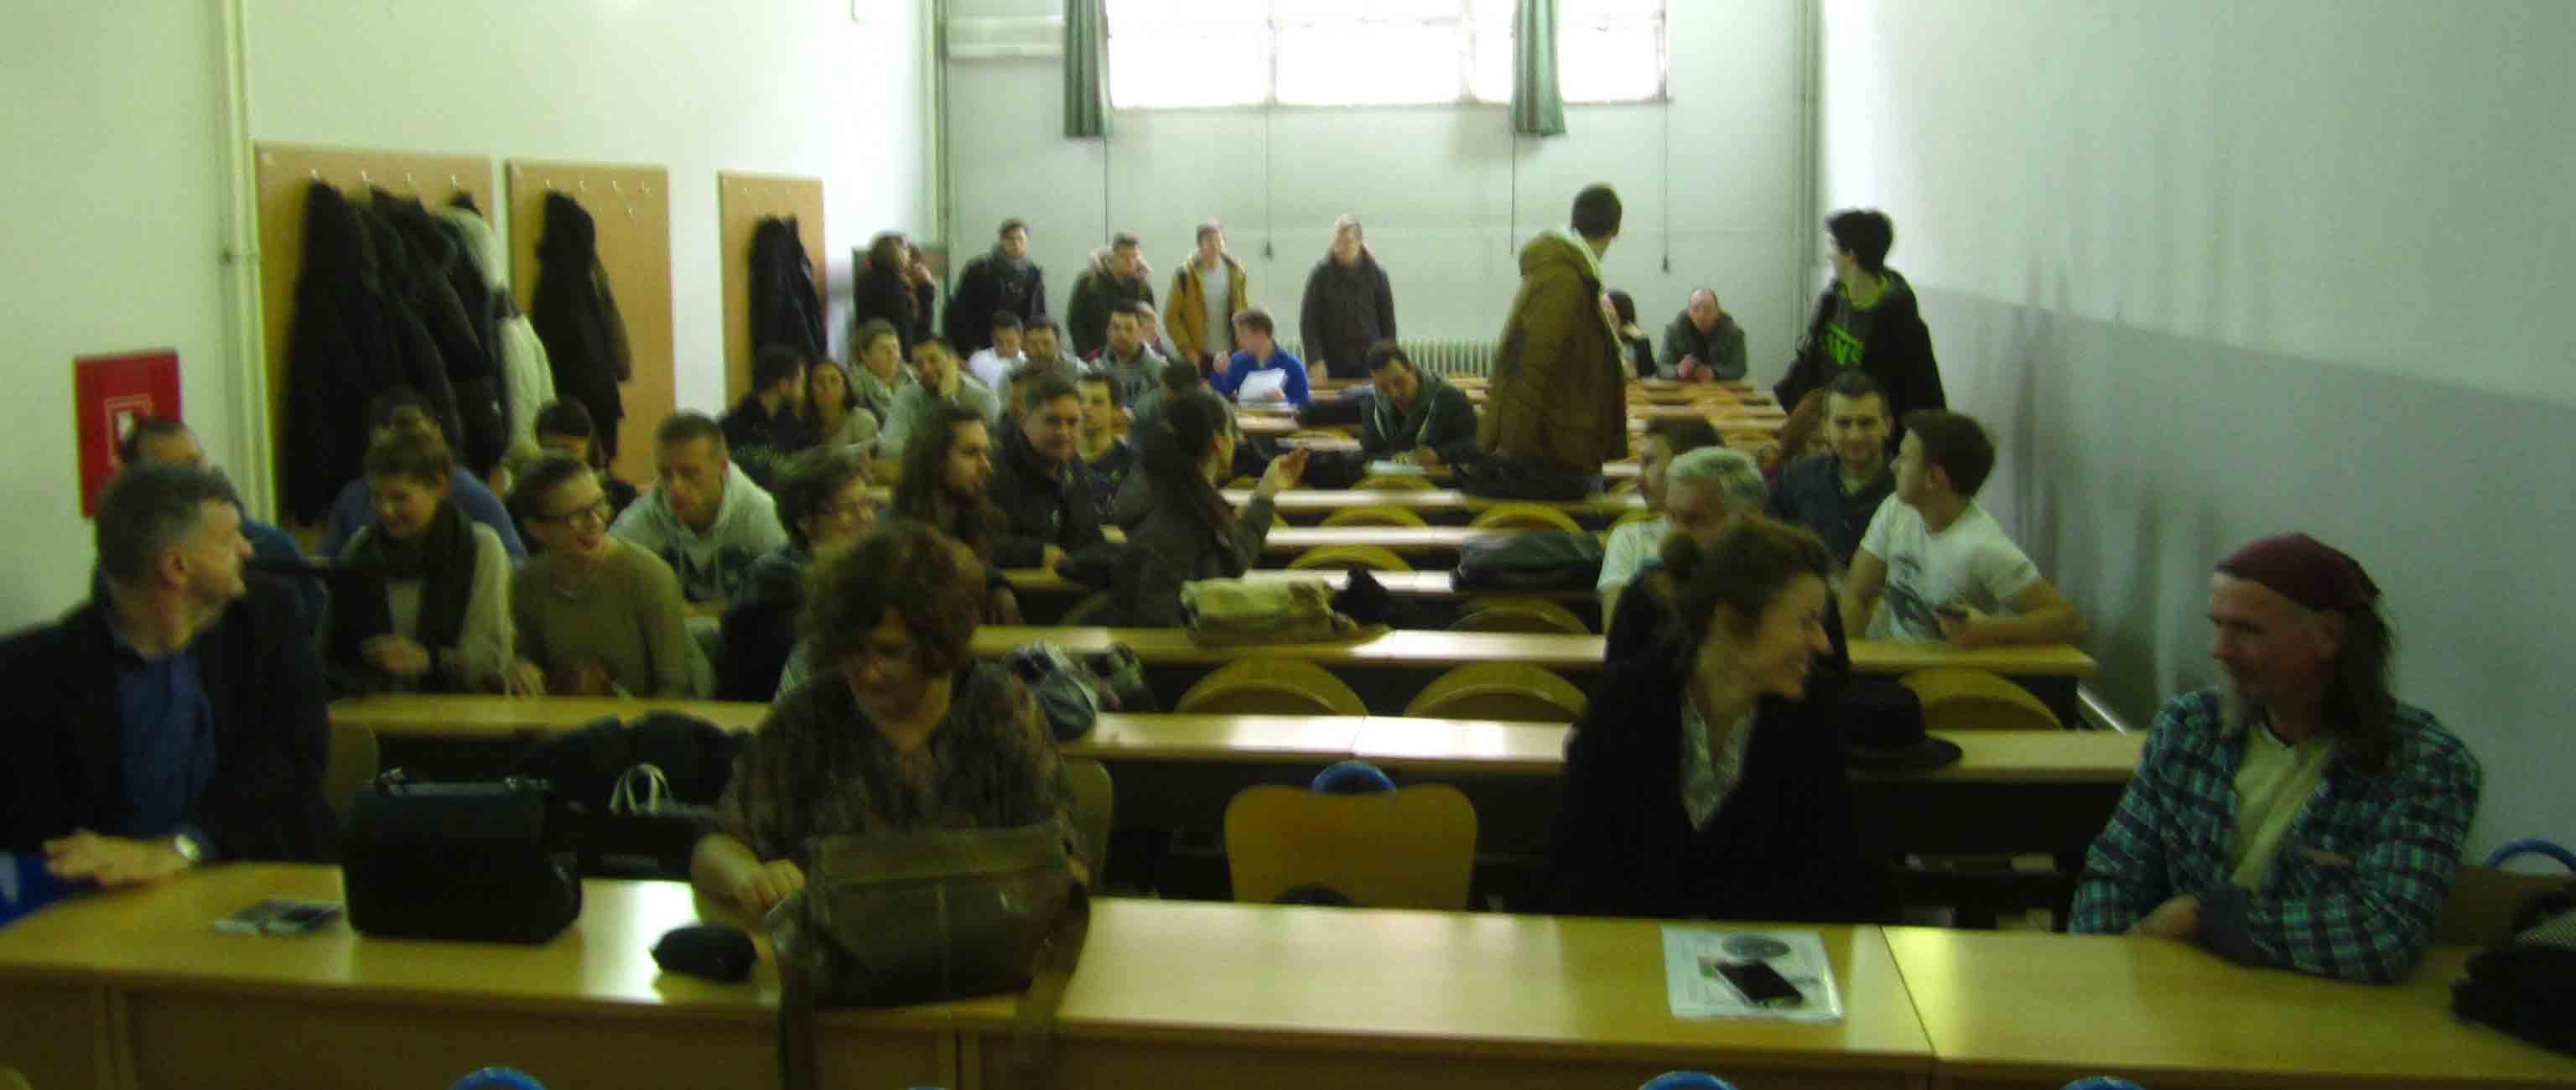 01 Osijek Dani fakulteta predavanje zemljana arhitektura